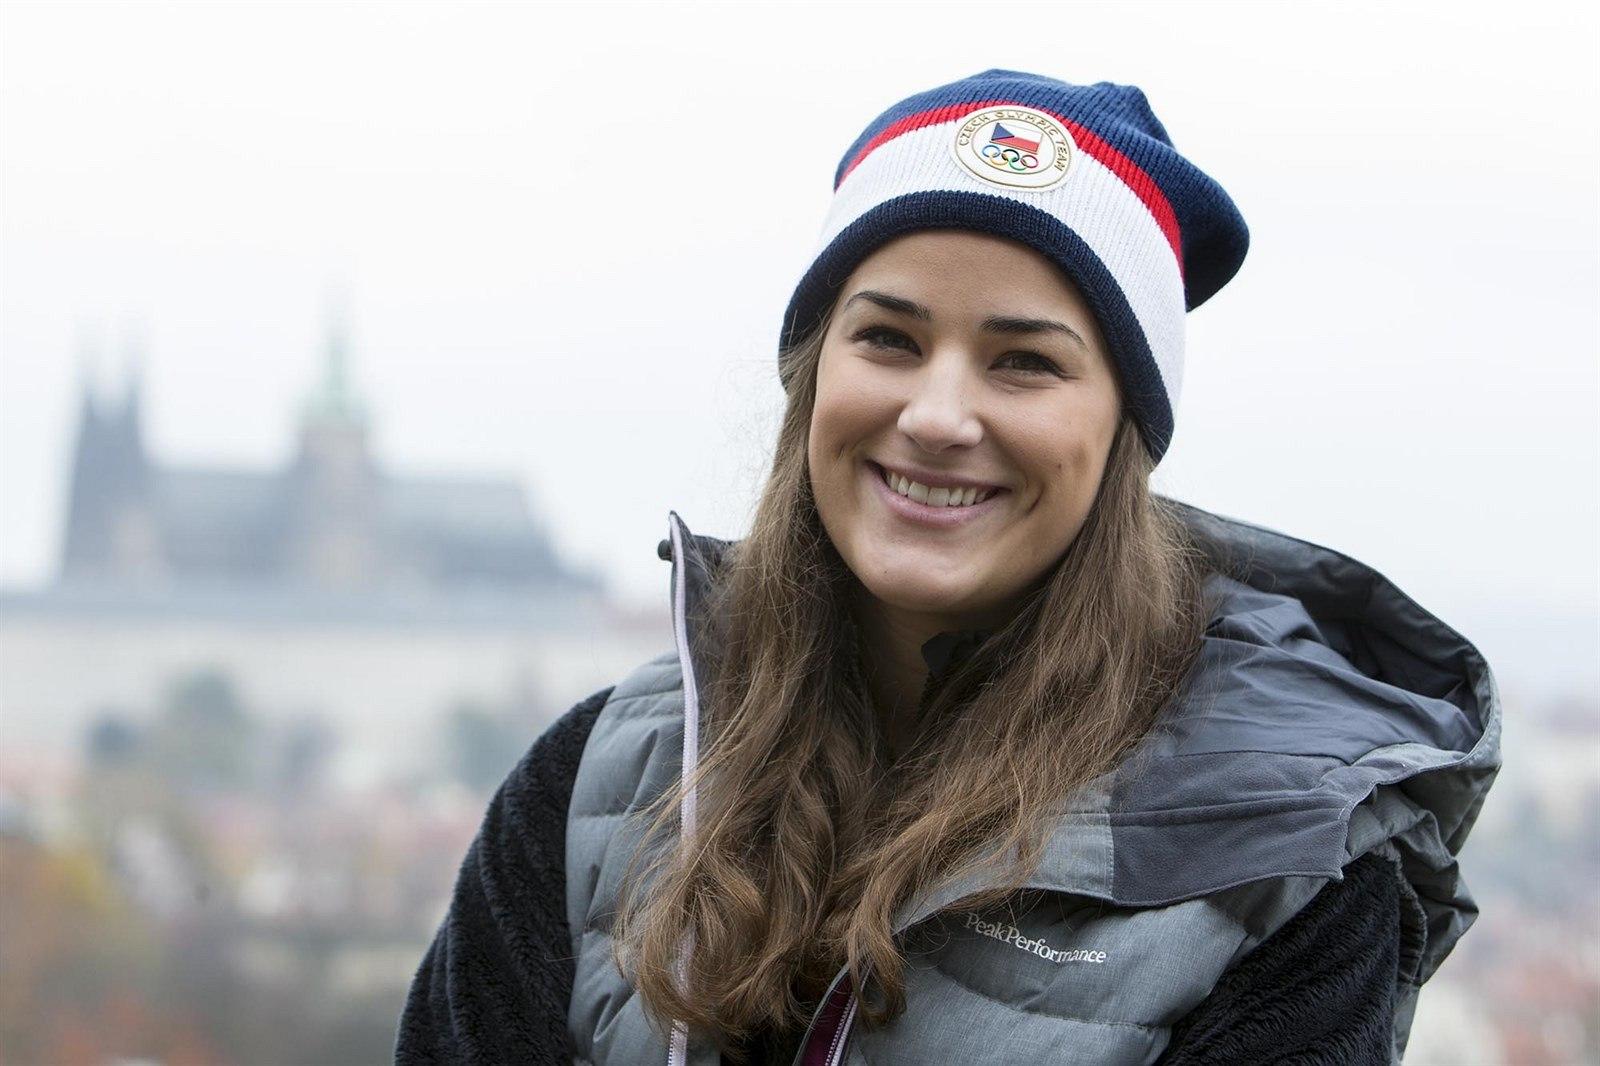 Skikrosařka Andrea Zemanová při představování první části olympijské  kolekce - takzvané Raškovky. ccdc530069